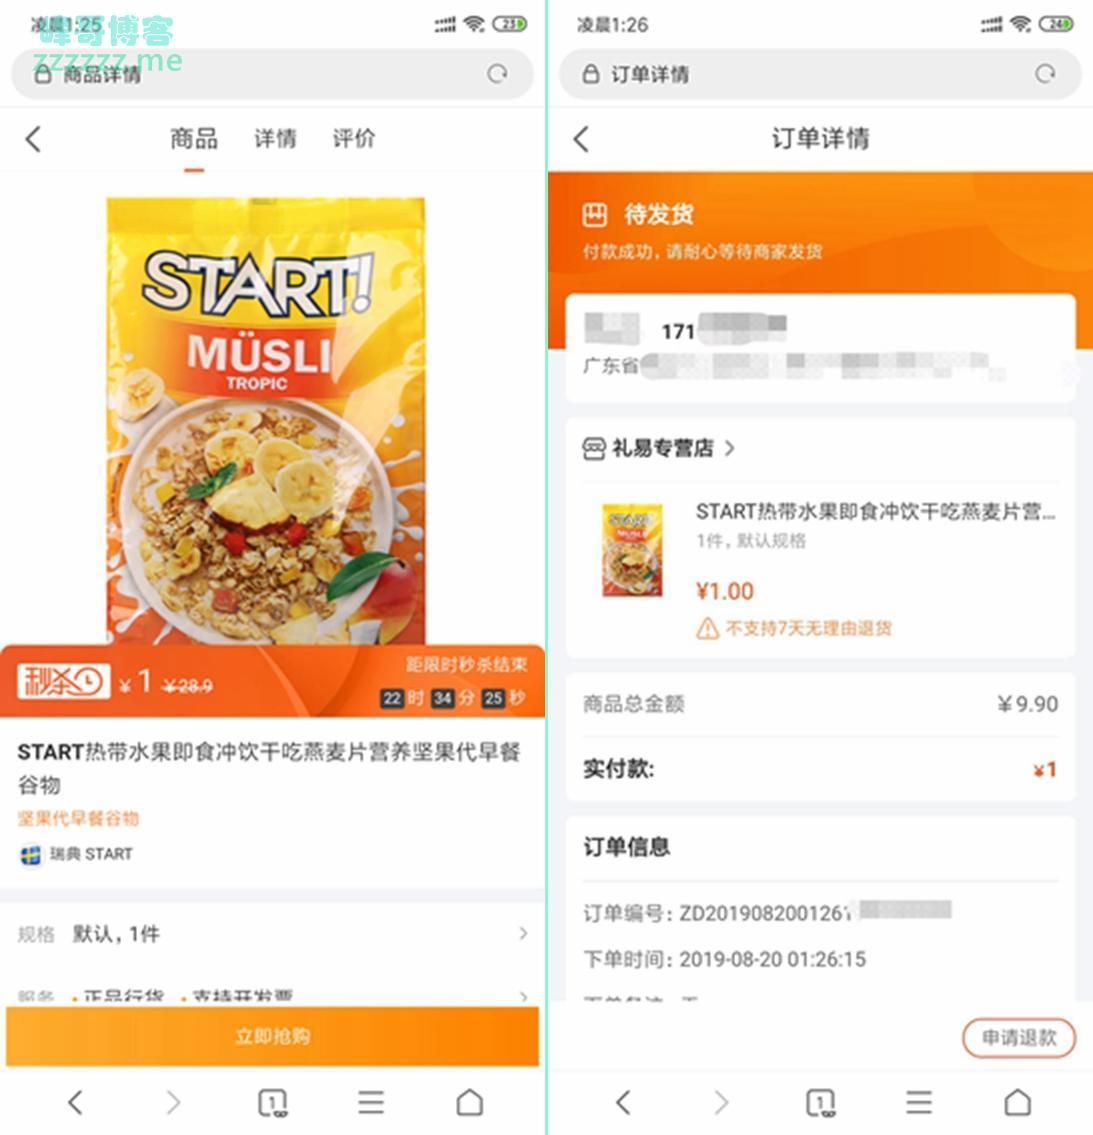 中信e购 新用户1元购买START热带水果坚果麦片 接码无限